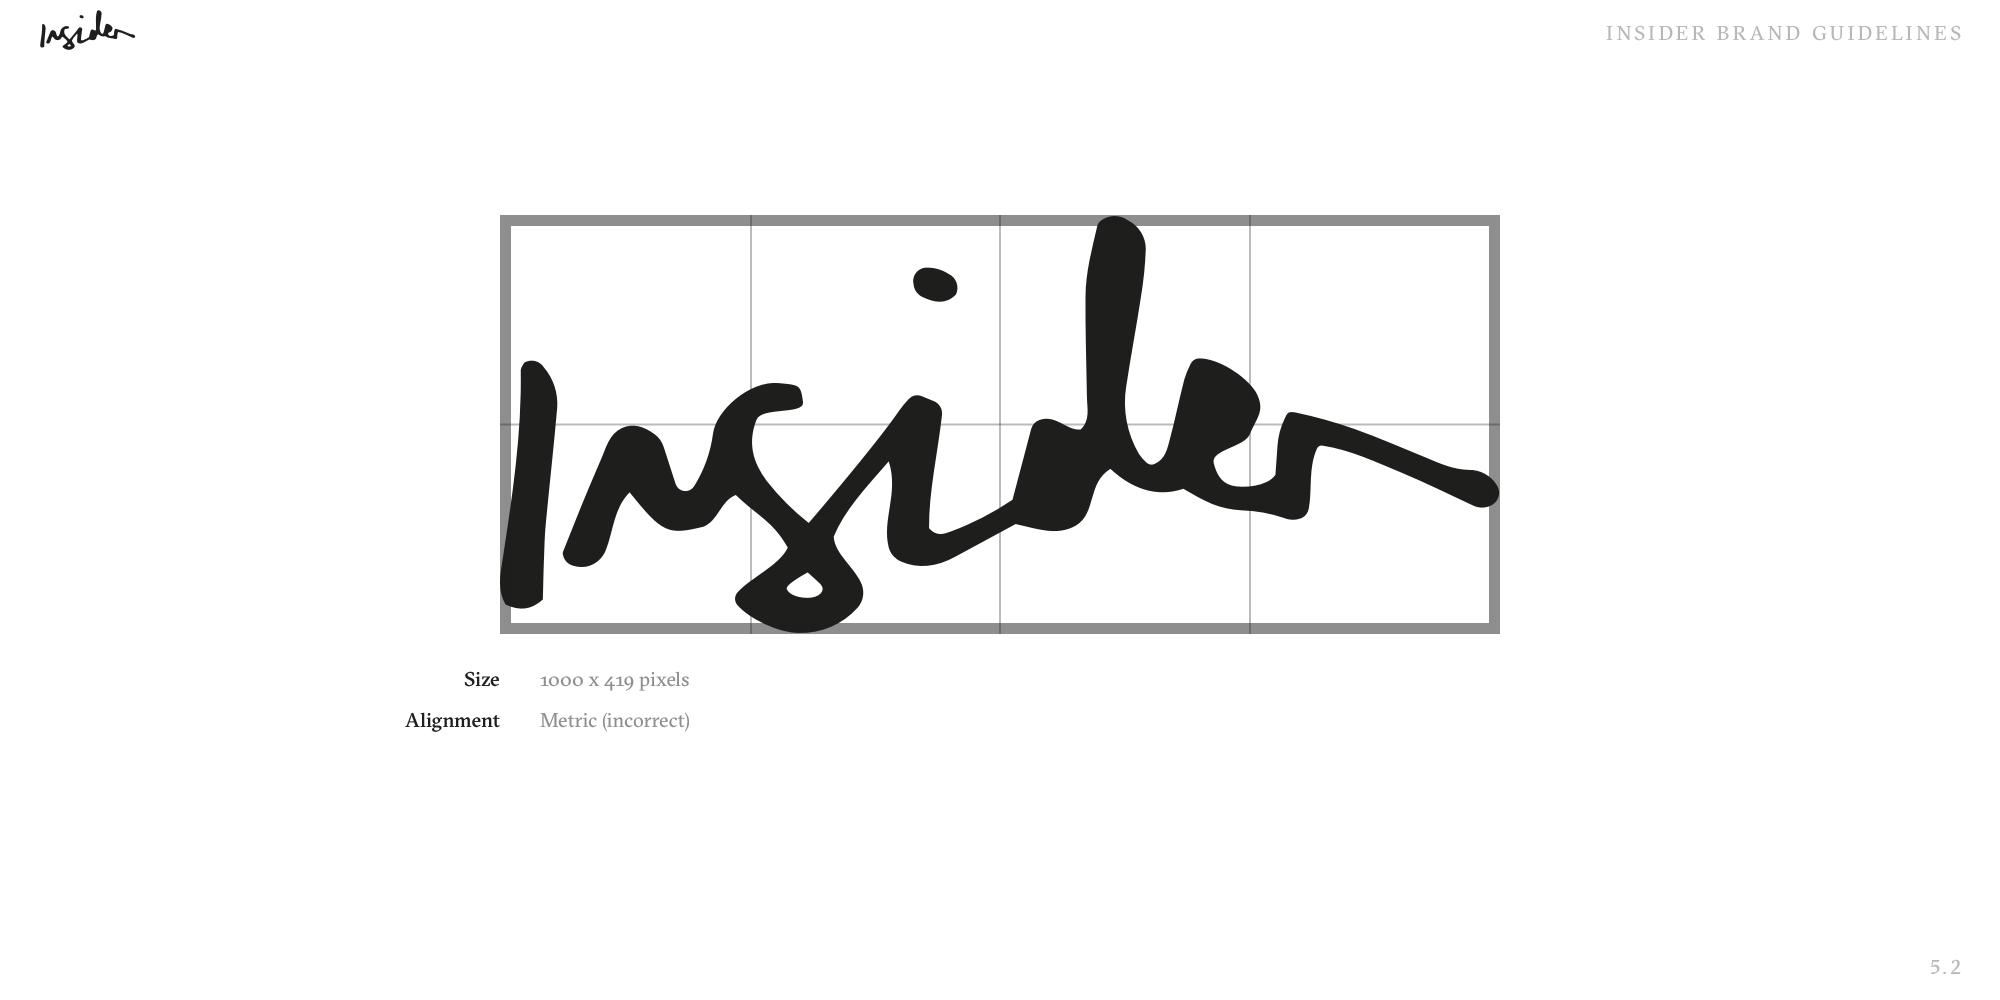 Insider-BrandGuidelines-pg28.jpg